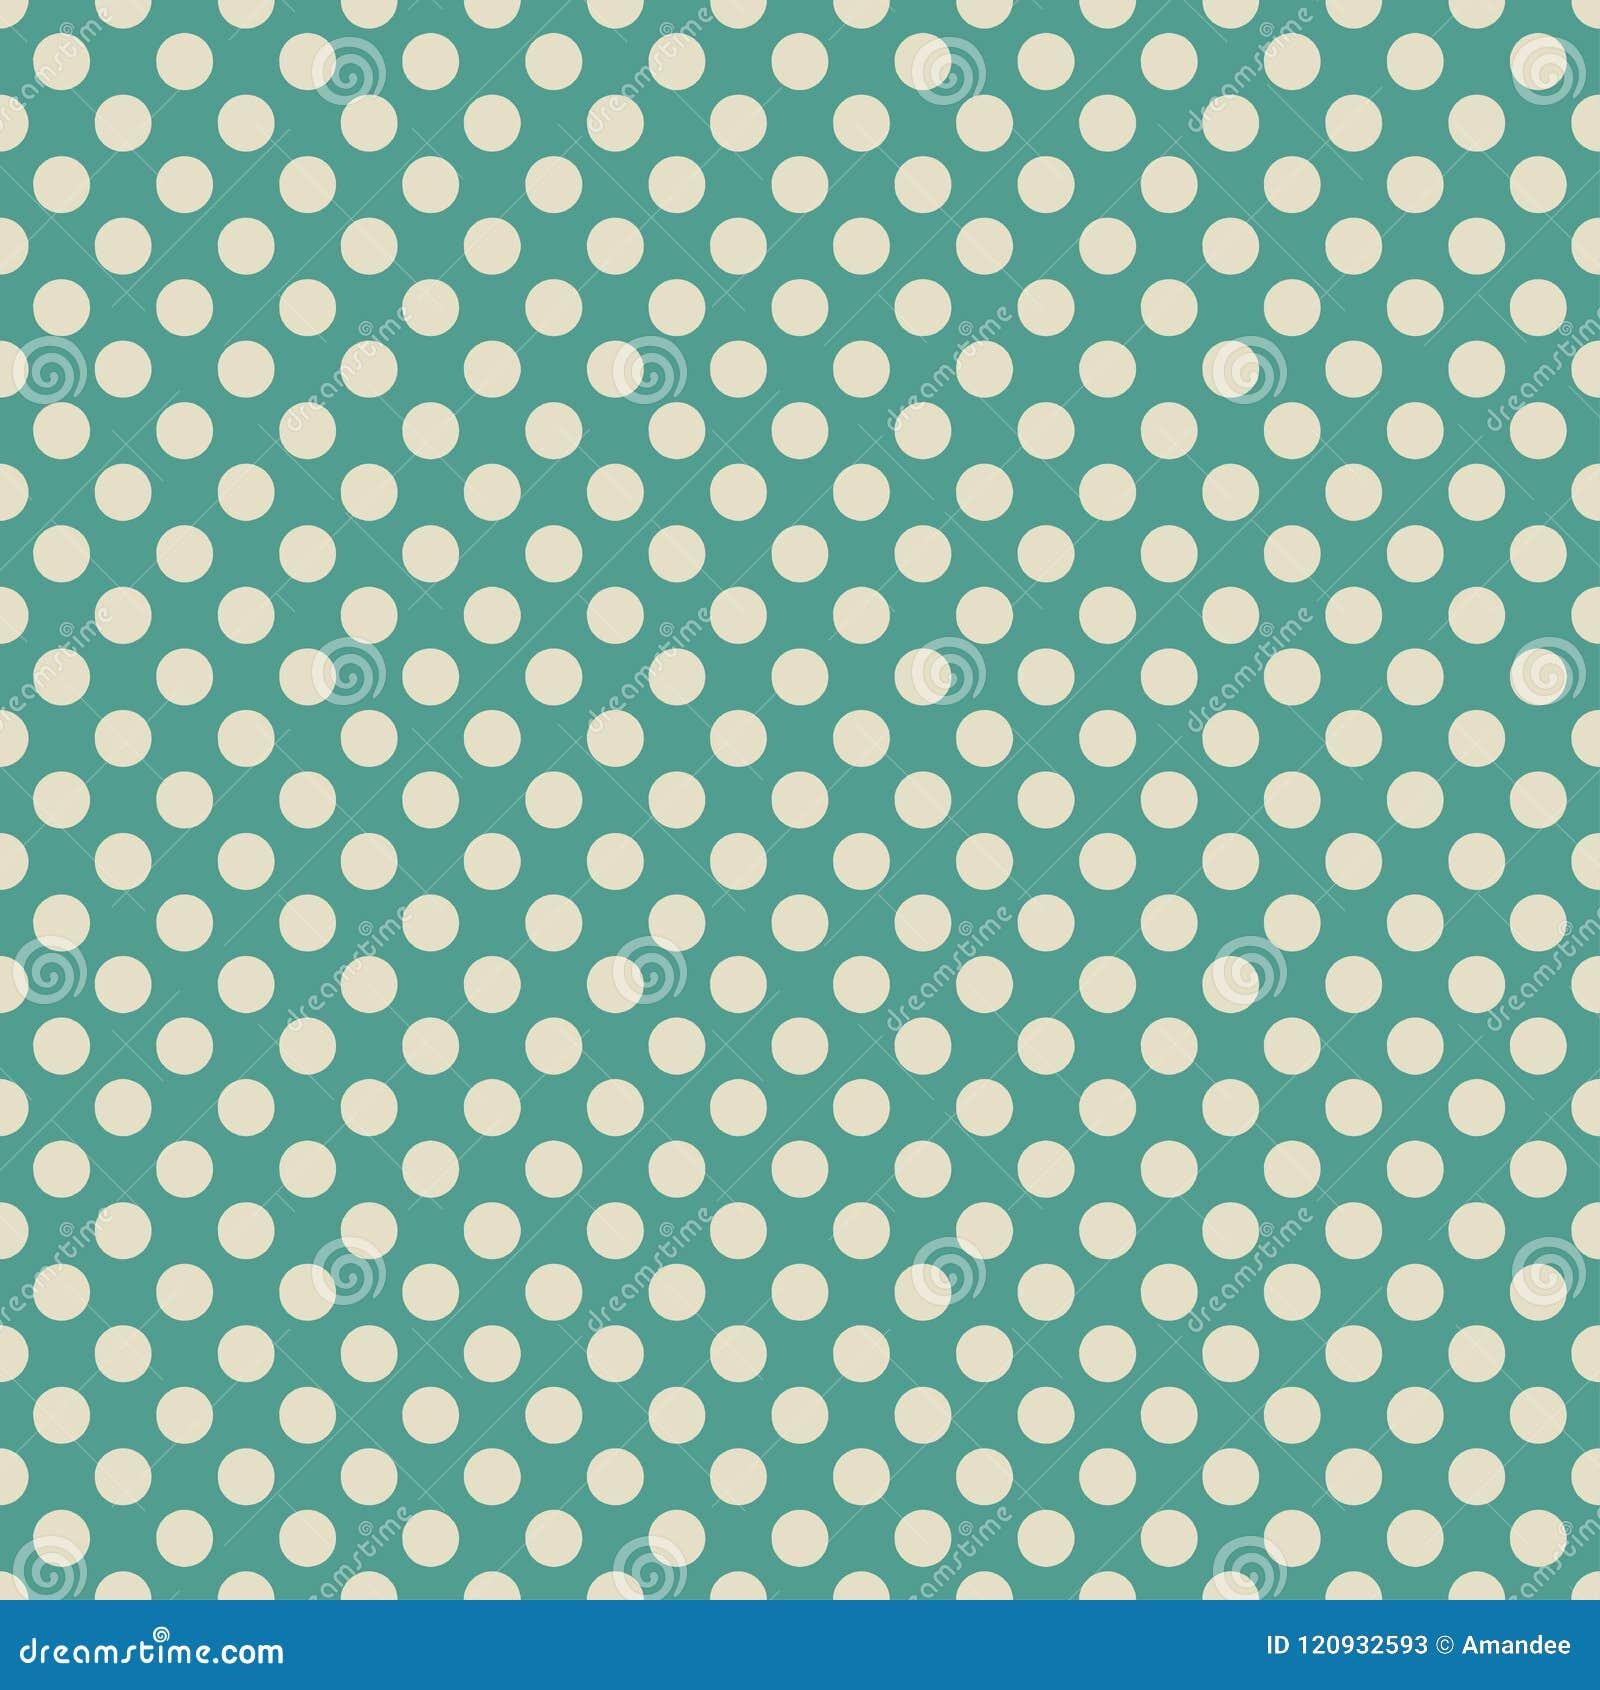 Ретро голубой зеленый цвет и светлое бежевое или с белого дизайна картины предпосылки обоев точки польки